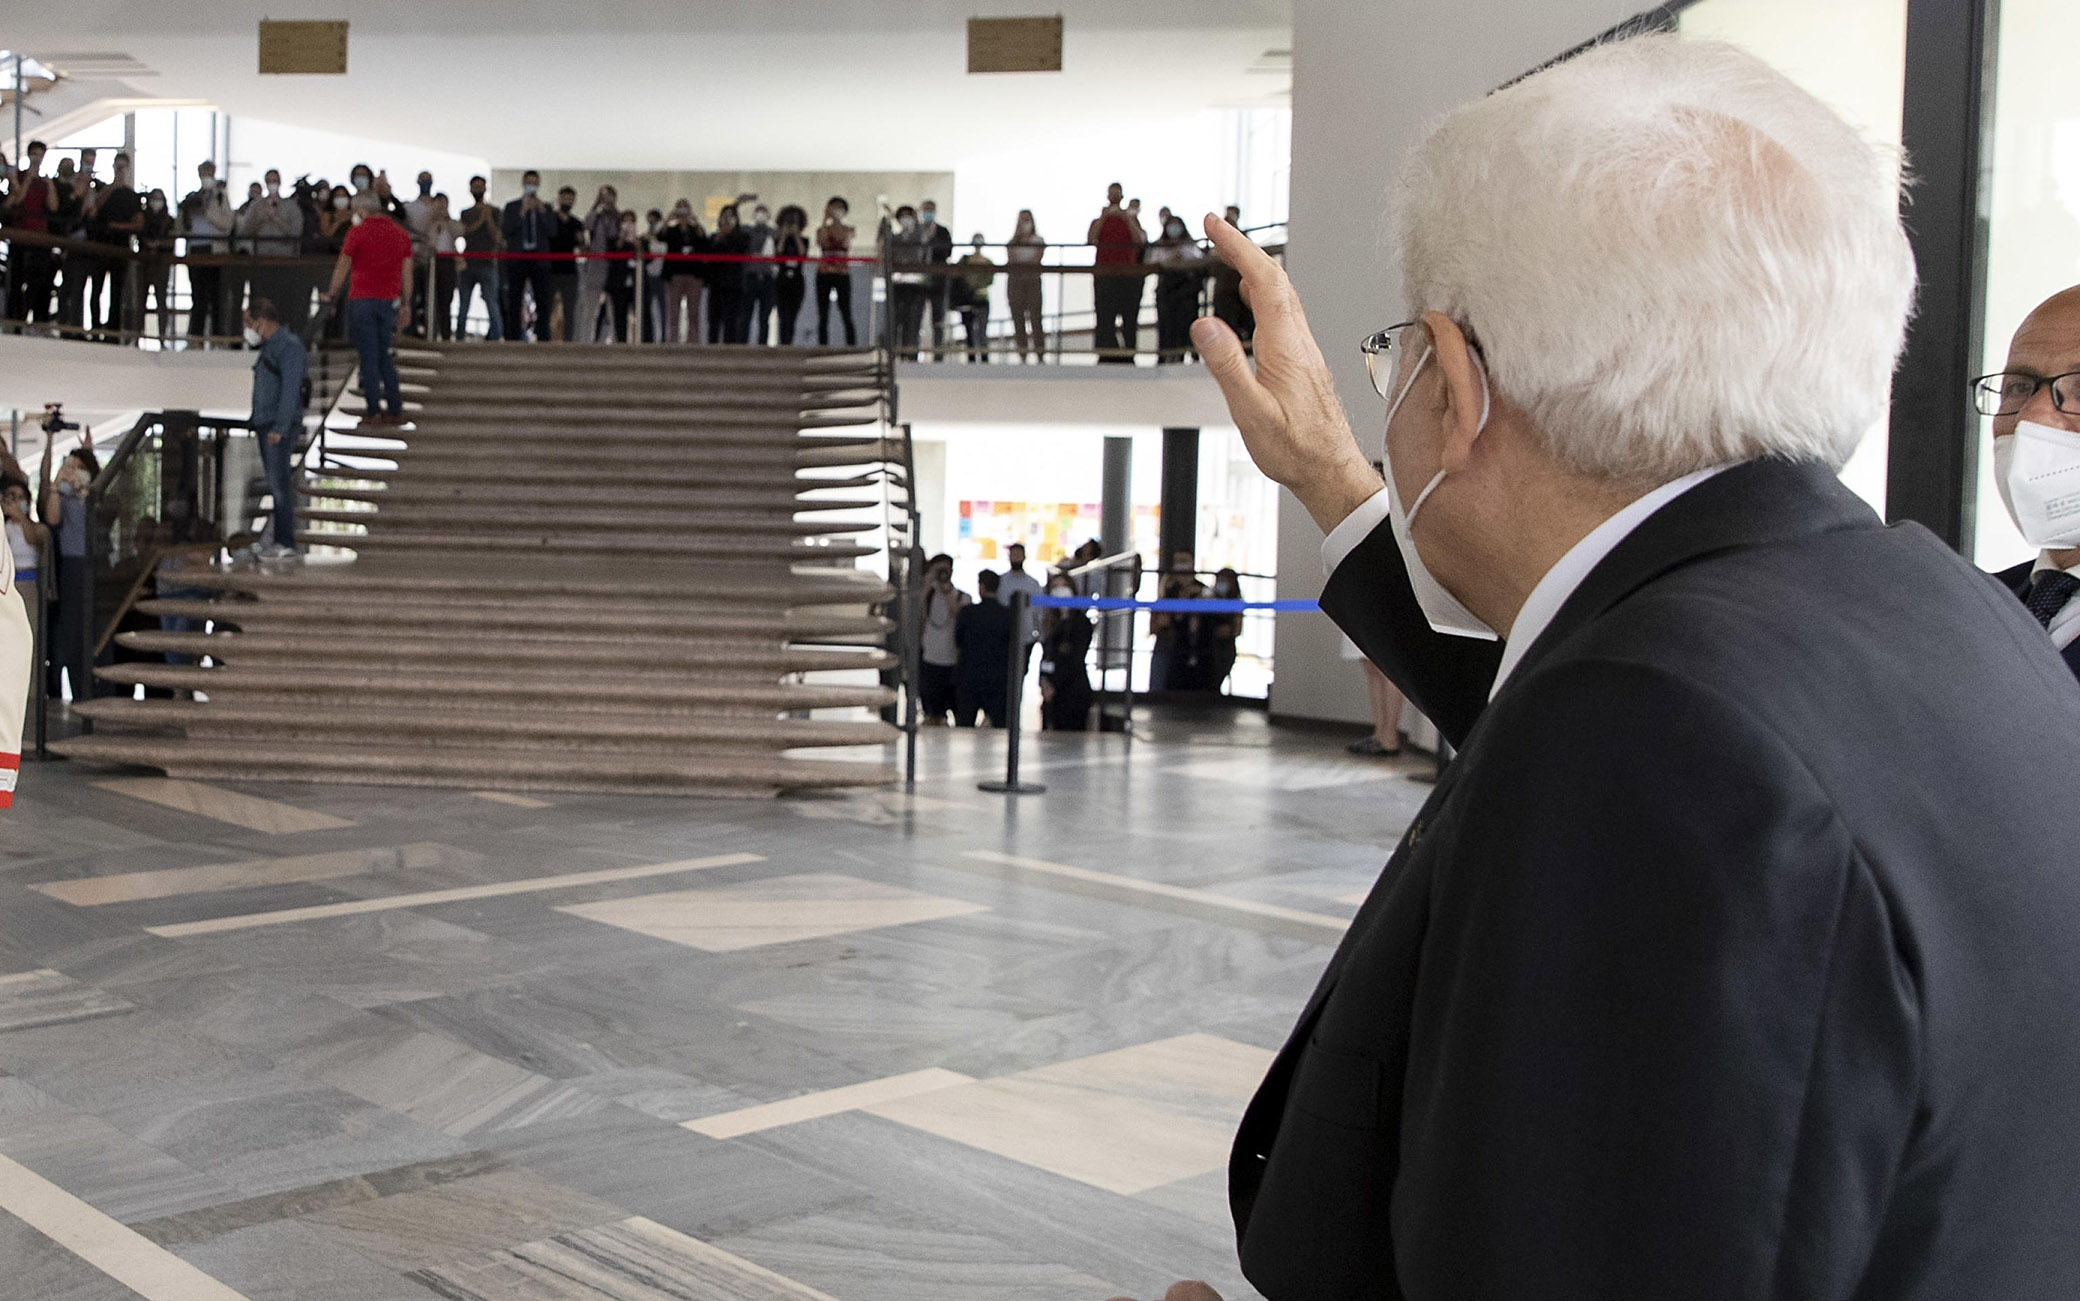 Il Presidente della Repubblica Sergio Mattarella alla cerimonia per l'anno accademico 2020- 2021 dell'Università degli Studi di Milano risponde al saluto degli studenti, Roma, 8 Giugno 2021. ANSA/US/QUIRINALE/PAOLO GIANDOTTI